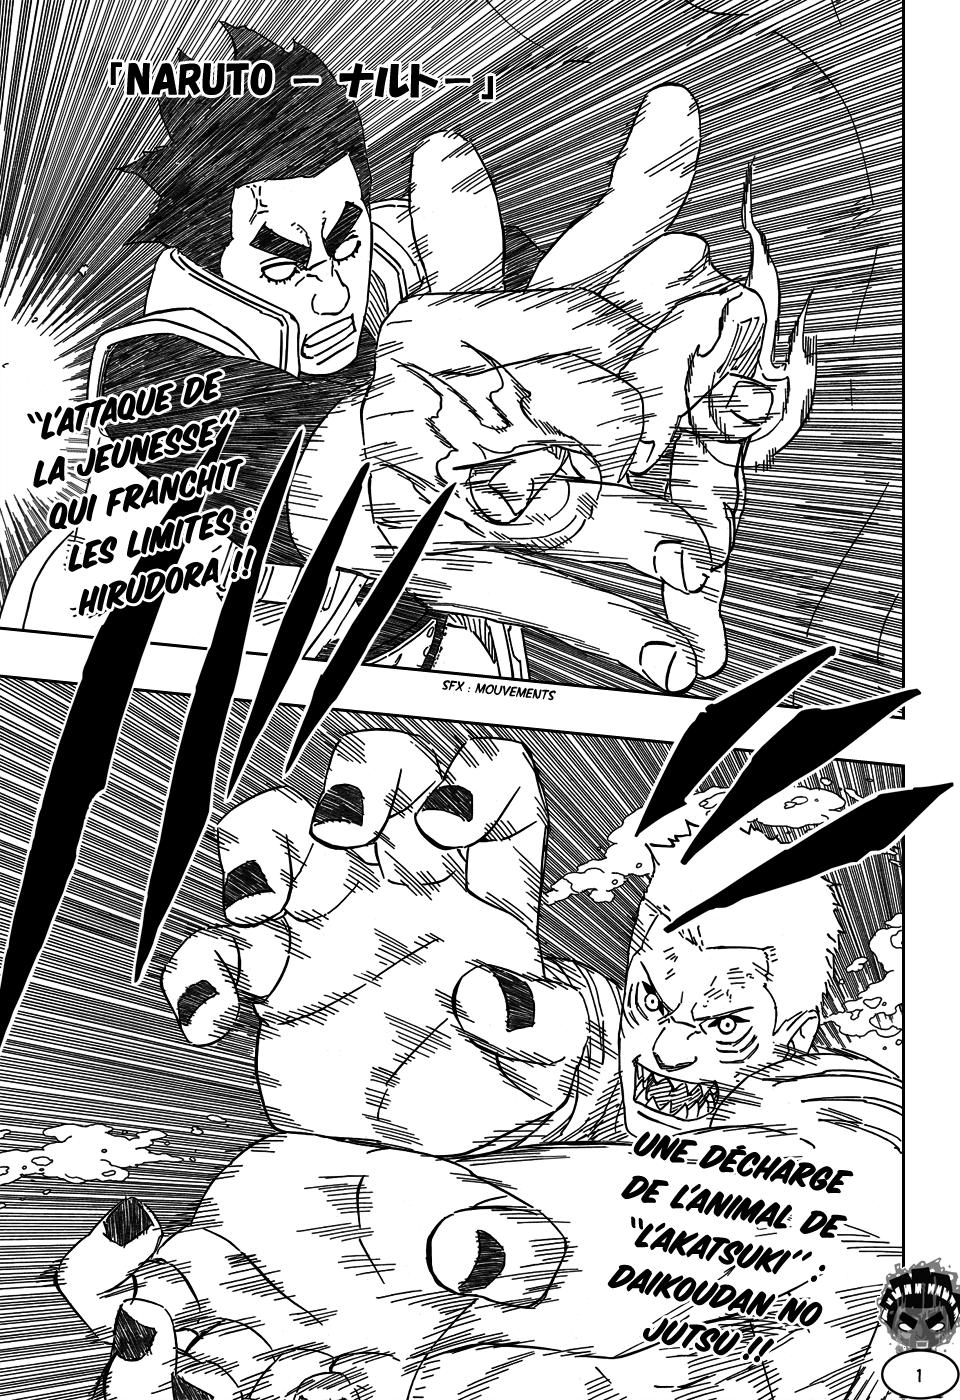 Naruto chapitre 507 - Page 1